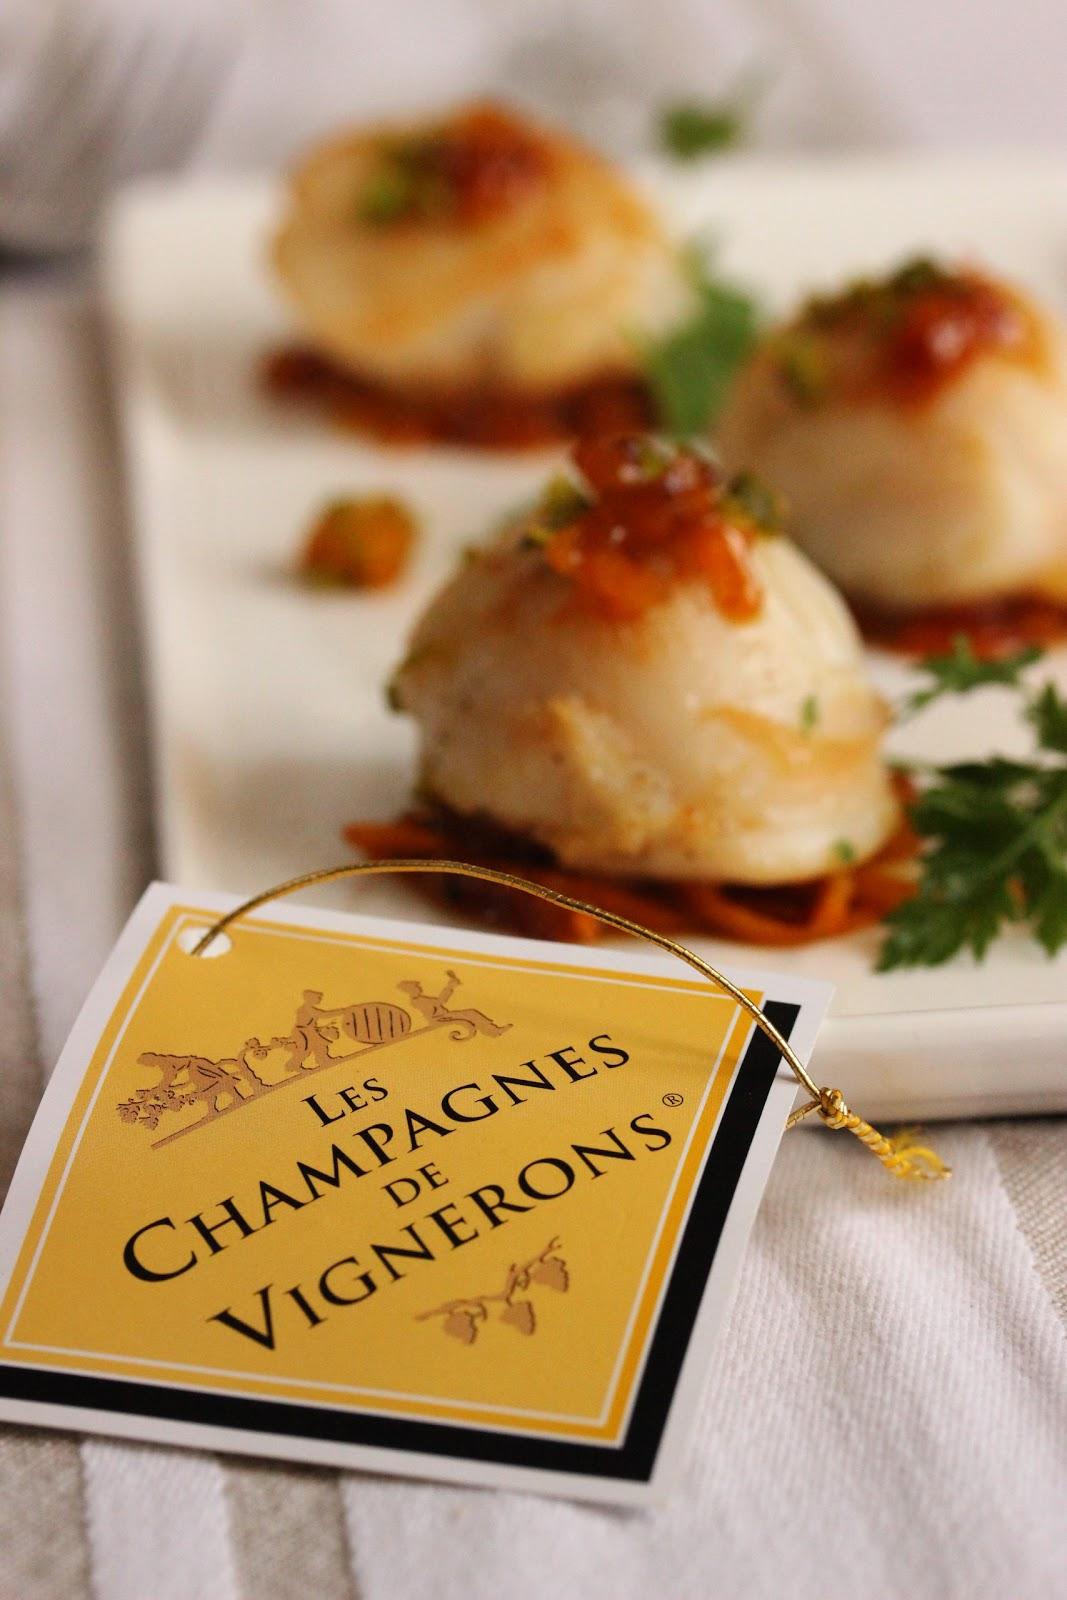 Jeu concours champagne en cuisine saint jacques aux oranges et abricots s - Jeu concours cuisine ...